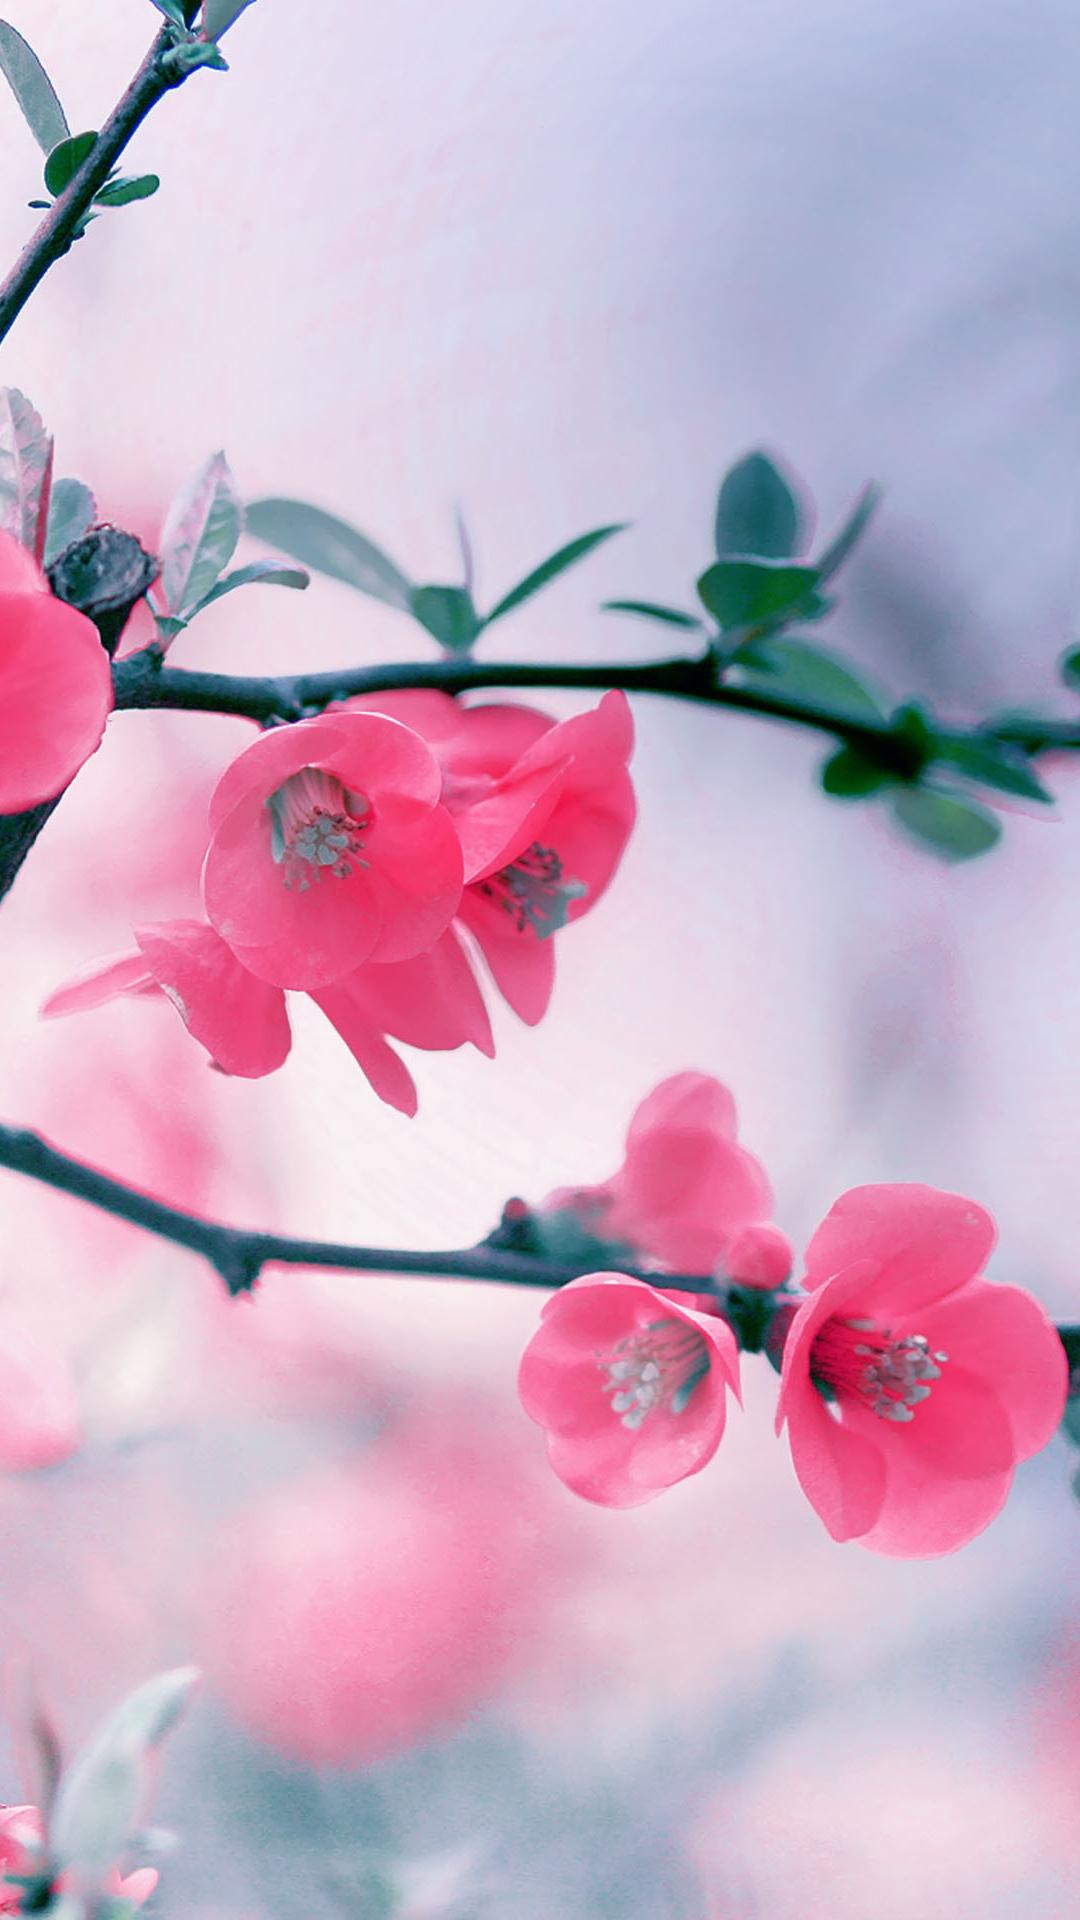 Fondo de pantalla con flores de cerezo